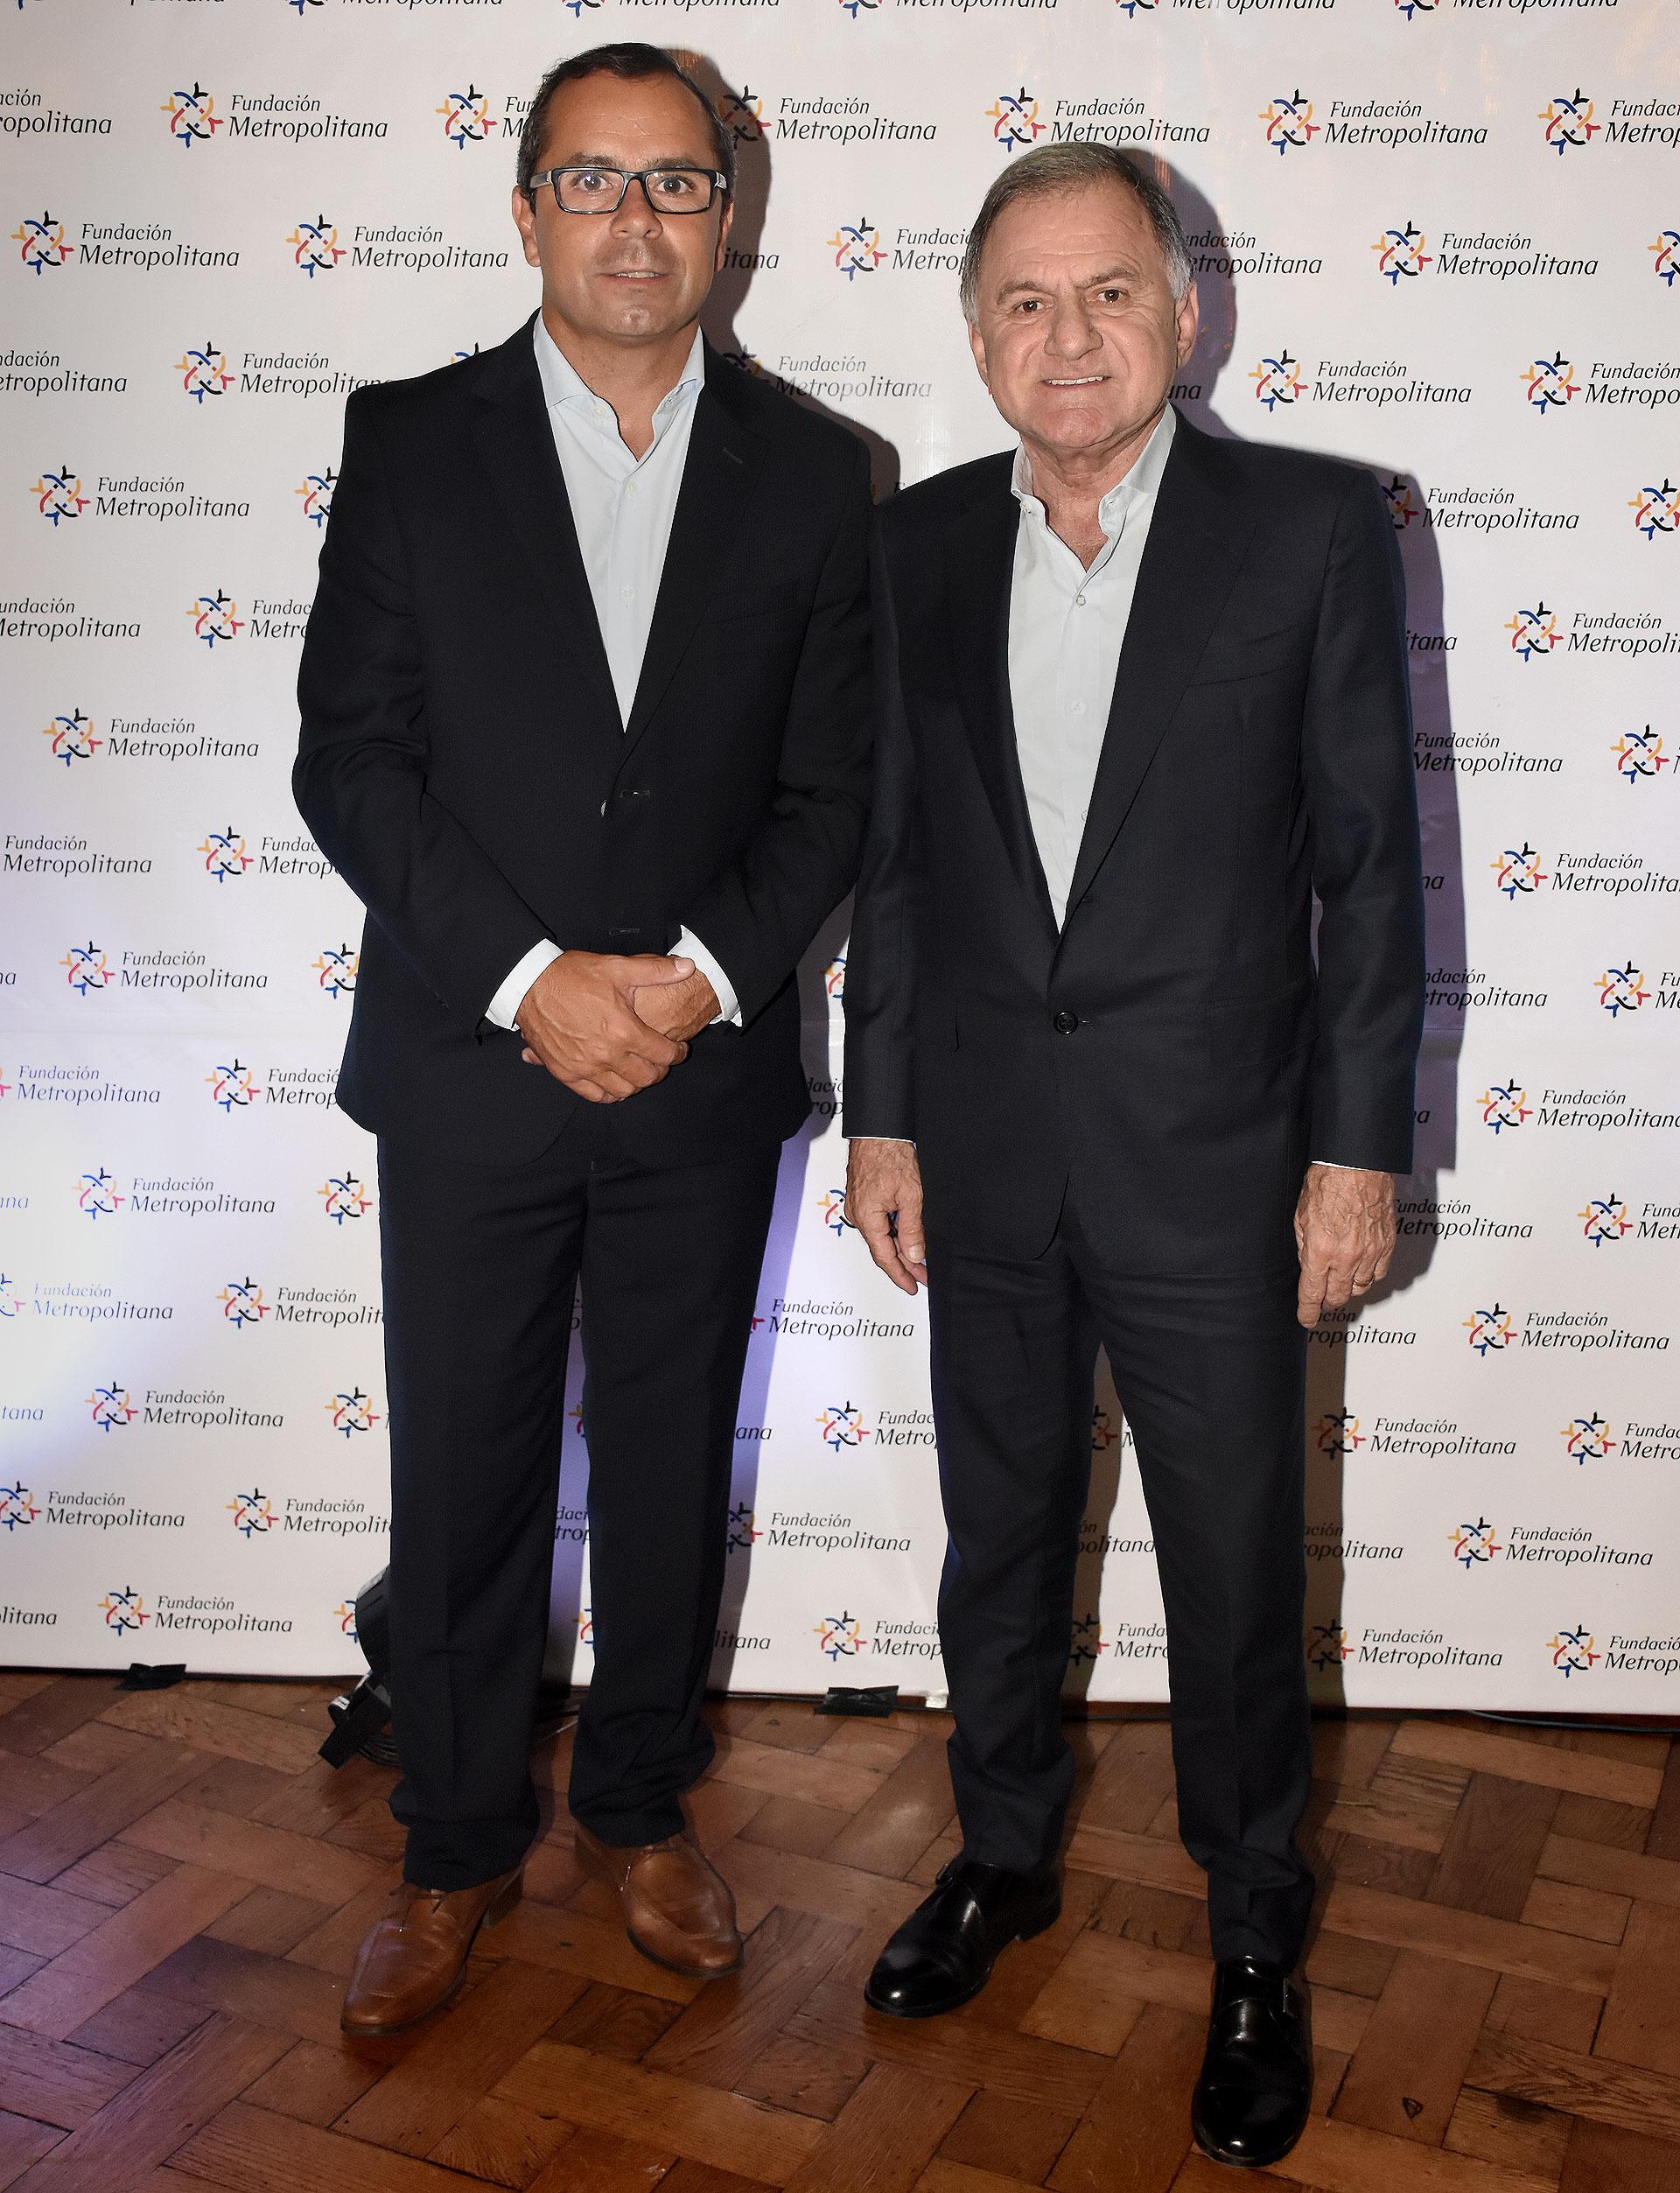 Gastón Urquiza, director de la Fundación, junto a Julio Pereyra, intendente de Florencio Varela